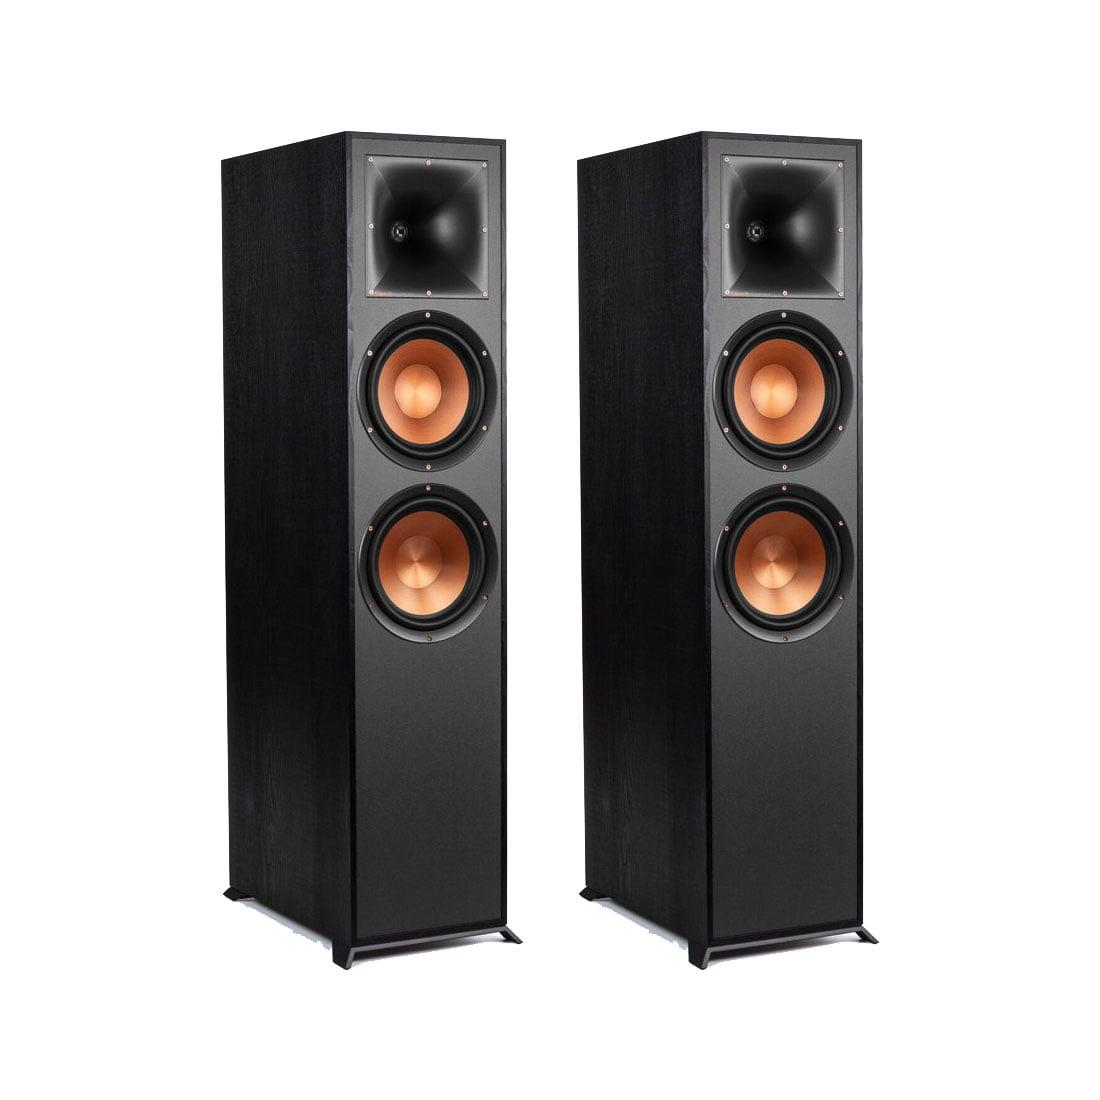 Klipsch R-820FB Reference Floor-standing Speakers - Black - Pair